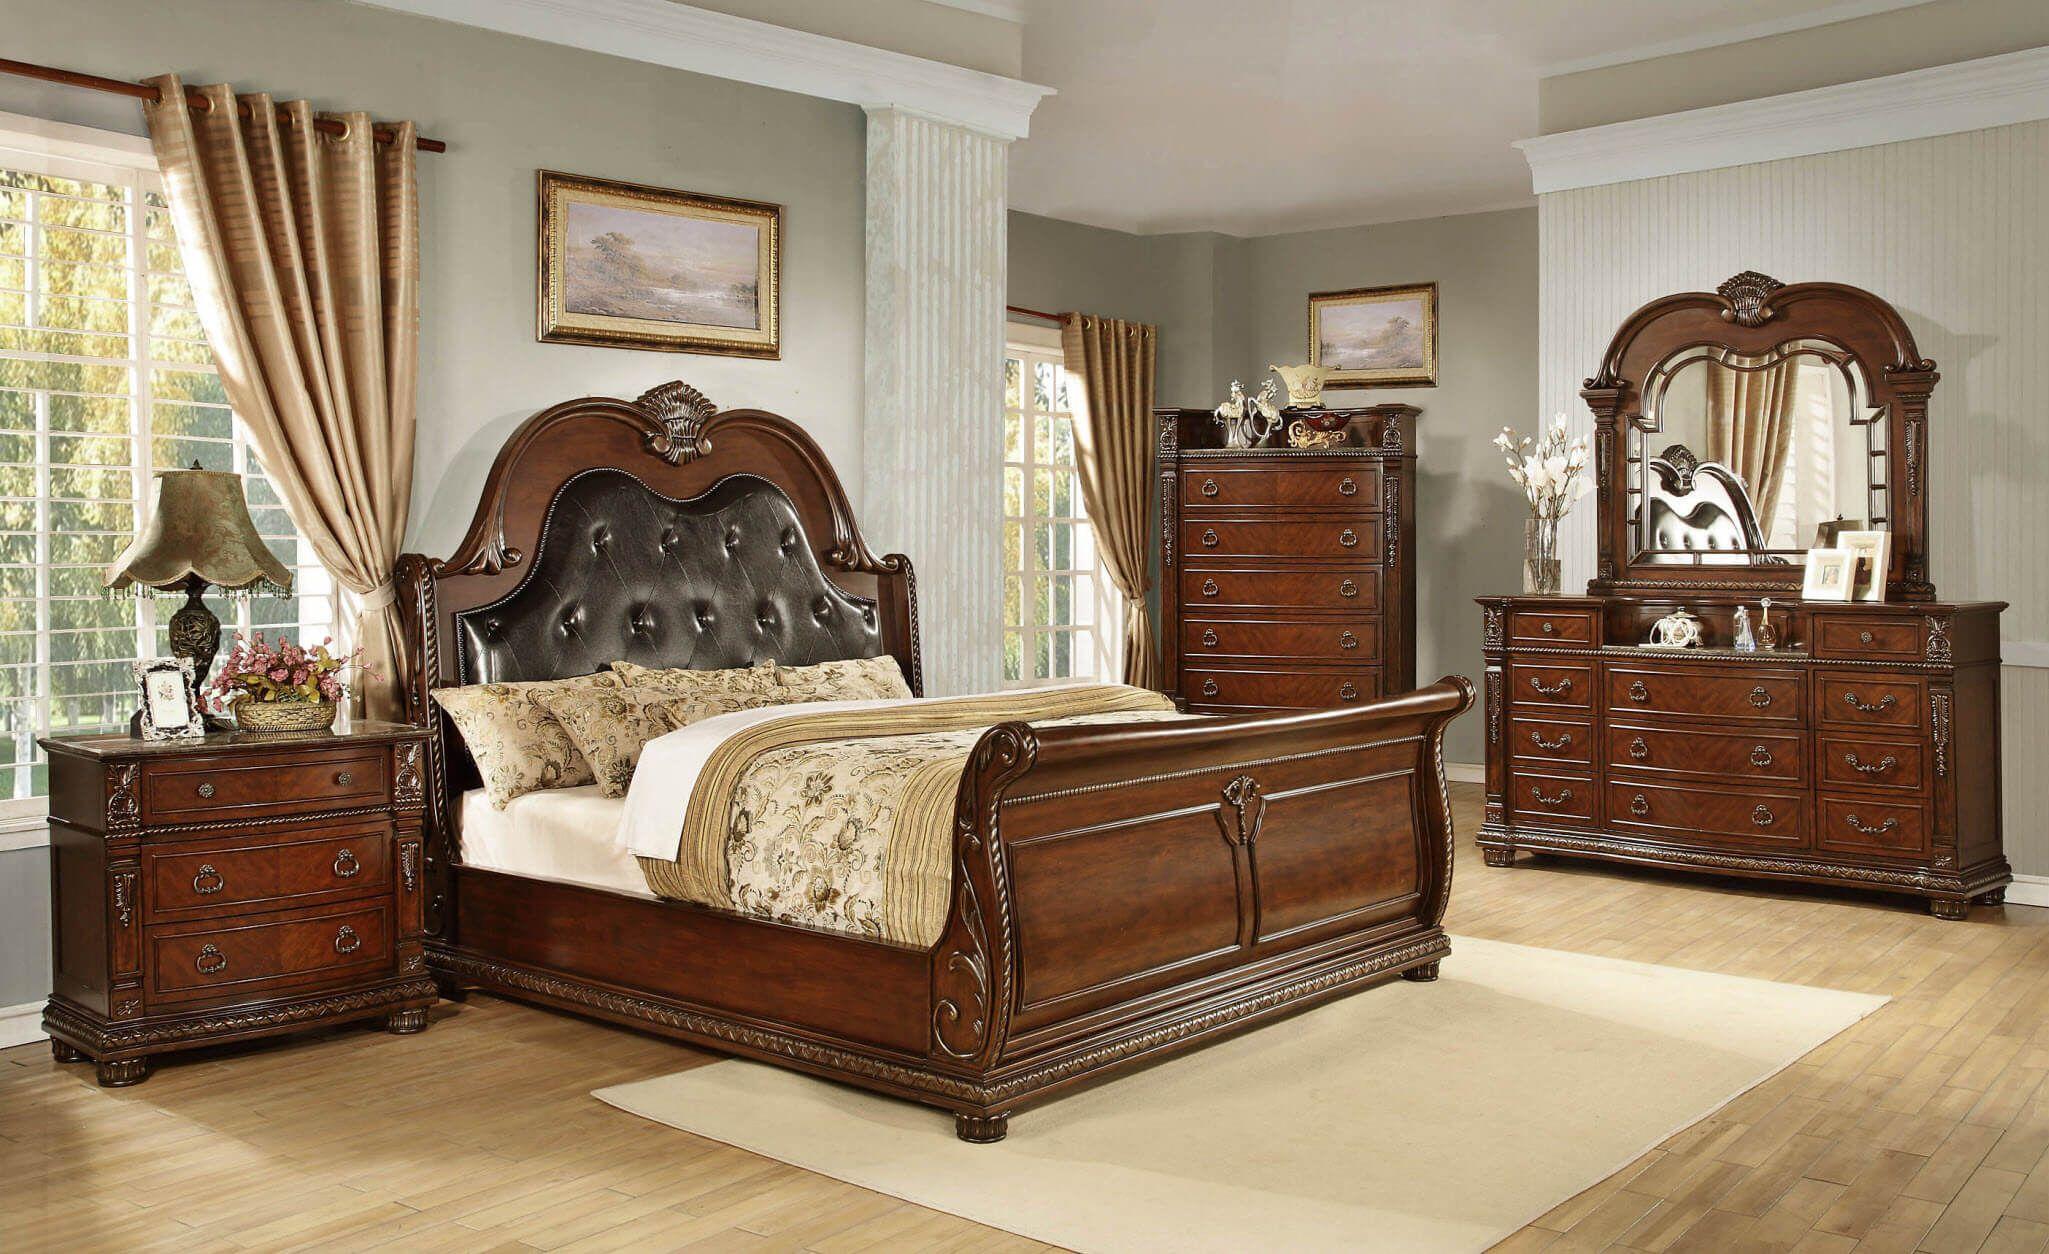 Best Grade Tempat Tidur Jati Natural Classic Luxury Carving Jepara Ttj 1001 Tempat Tidur Furniture Mebel